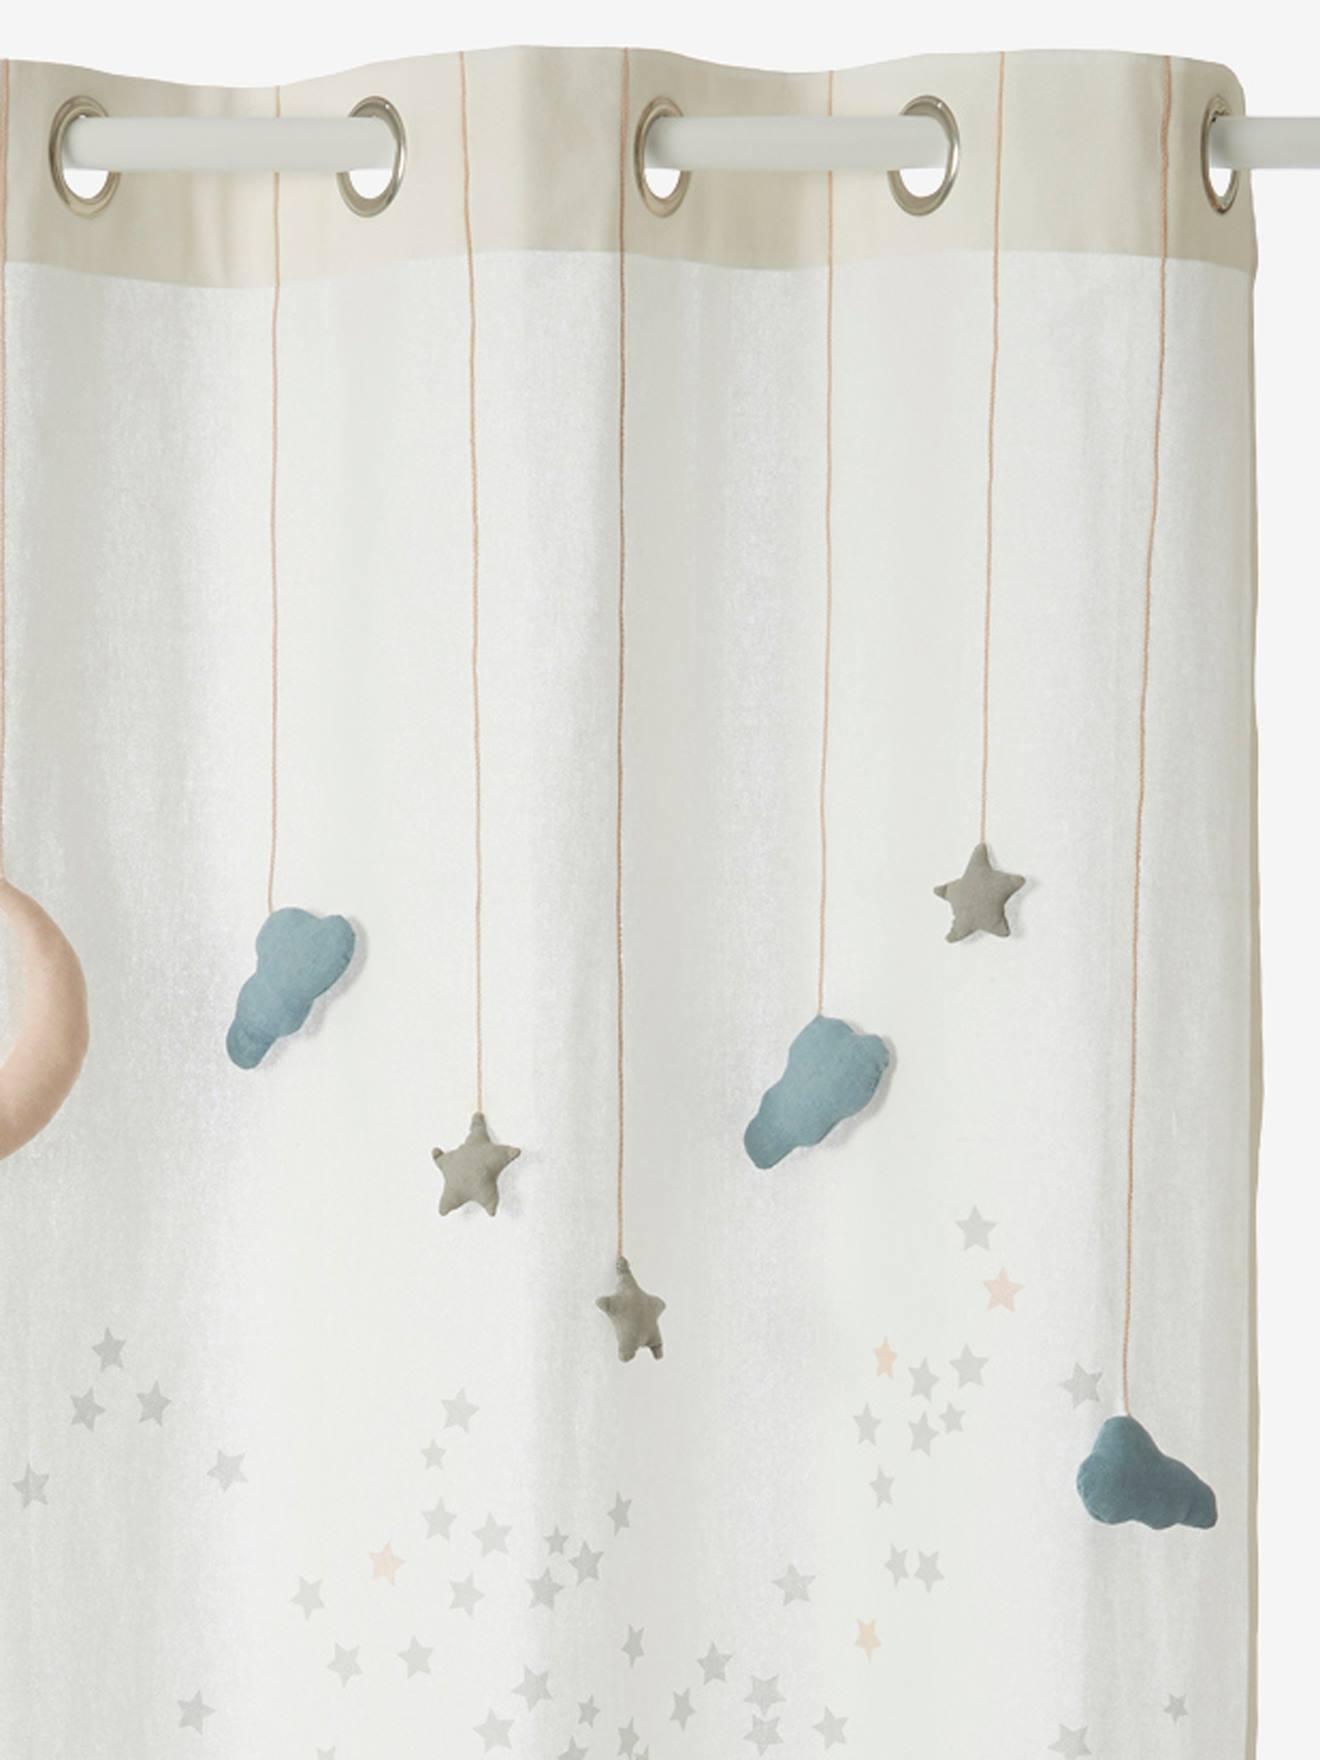 Rangement Et Décoration Décoration Rideau Rideau Tamisant Comme Une étoile